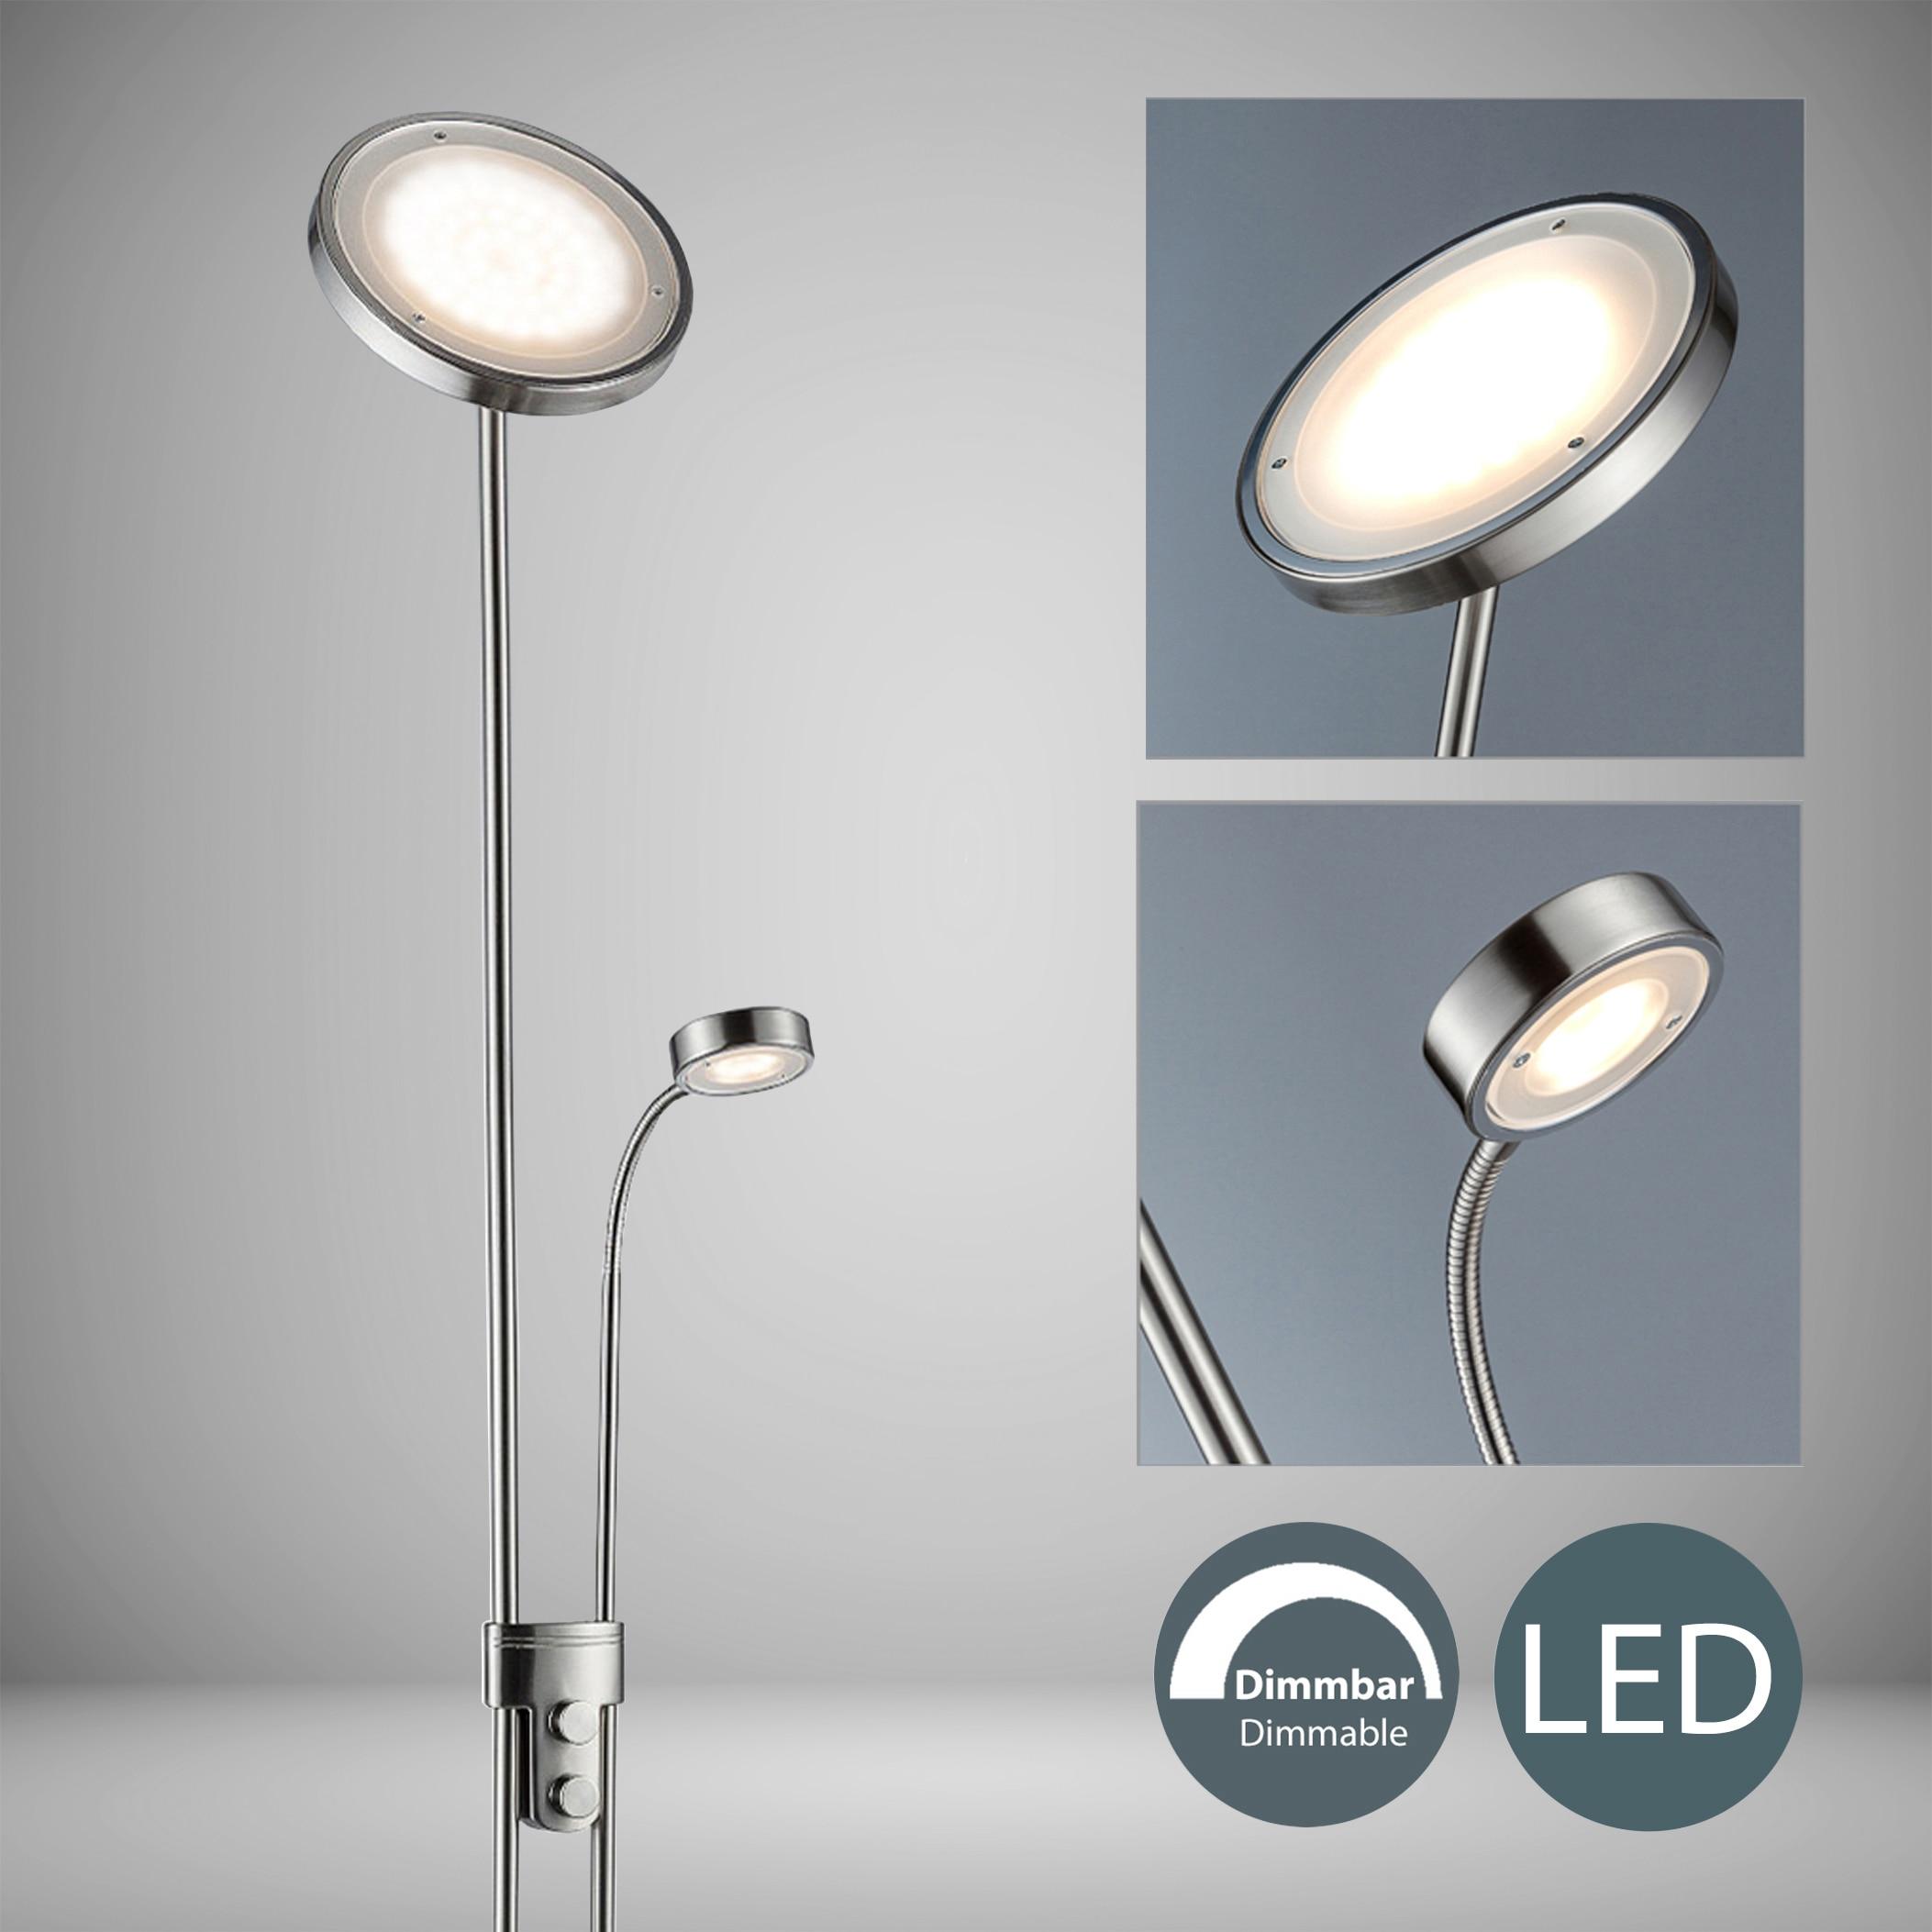 B.K.Licht LED Deckenfluter Luan, LED-Board, Warmweiß, LED Stehleuchte dimmbar Metall Wohnzimmer Stehlampe schwenkbar inkl. 21W 2.000lm